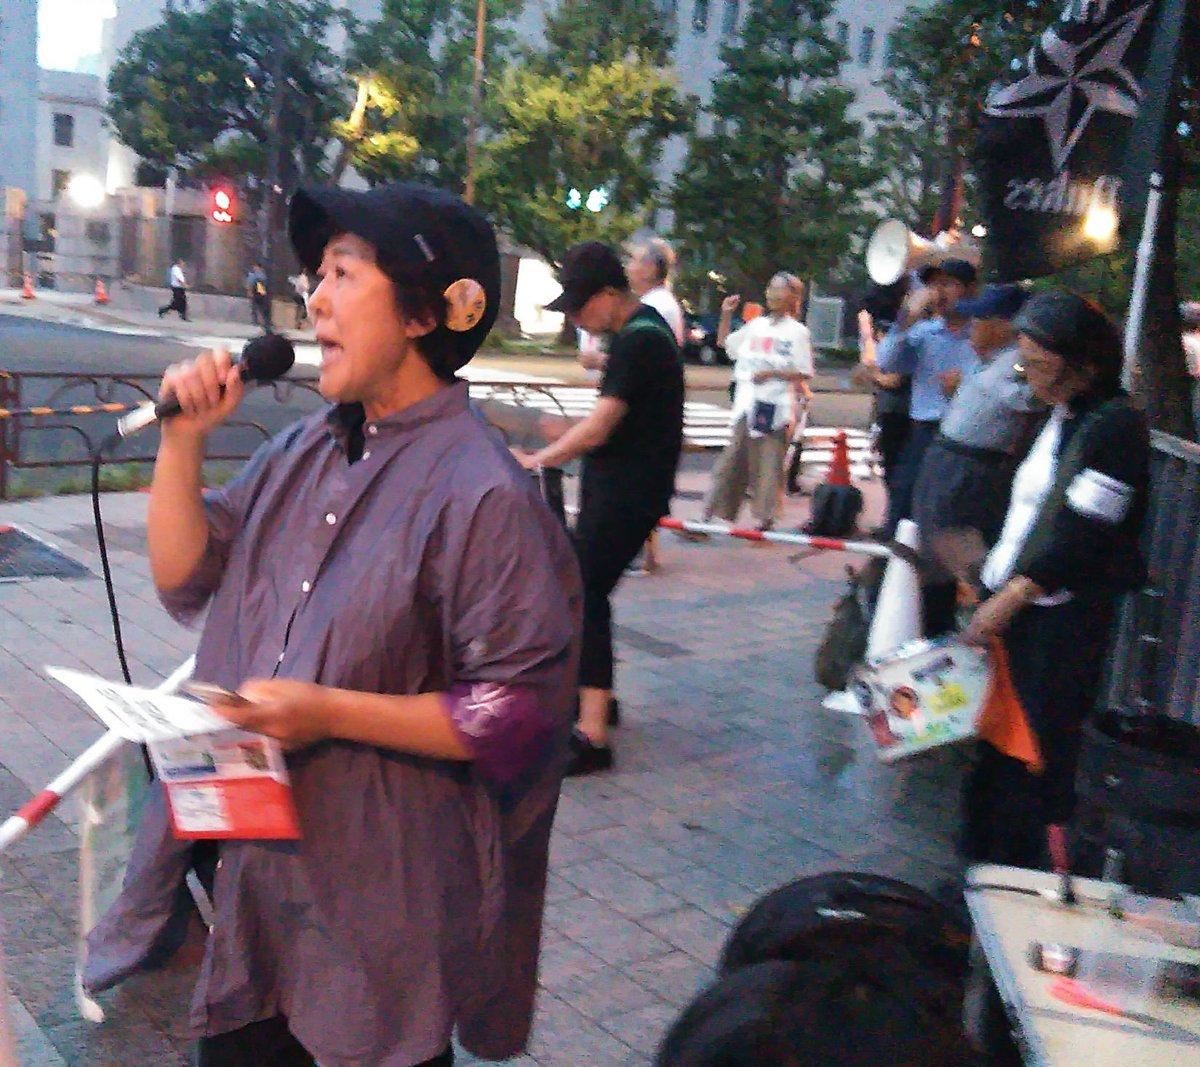 351回【再稼働反対!首相官邸前抗議】開始! 韓国政府が福島第一原発の汚染水放出問題への対応を始めました。国内でも脱原発をめざす首長会議が、海洋放出せず長期保管するよう求める緊急声明を出しました。安倍首相!汚染水はアンダーコントロールされてません!今すぐ原発ゼロへ! #金曜官邸前抗議